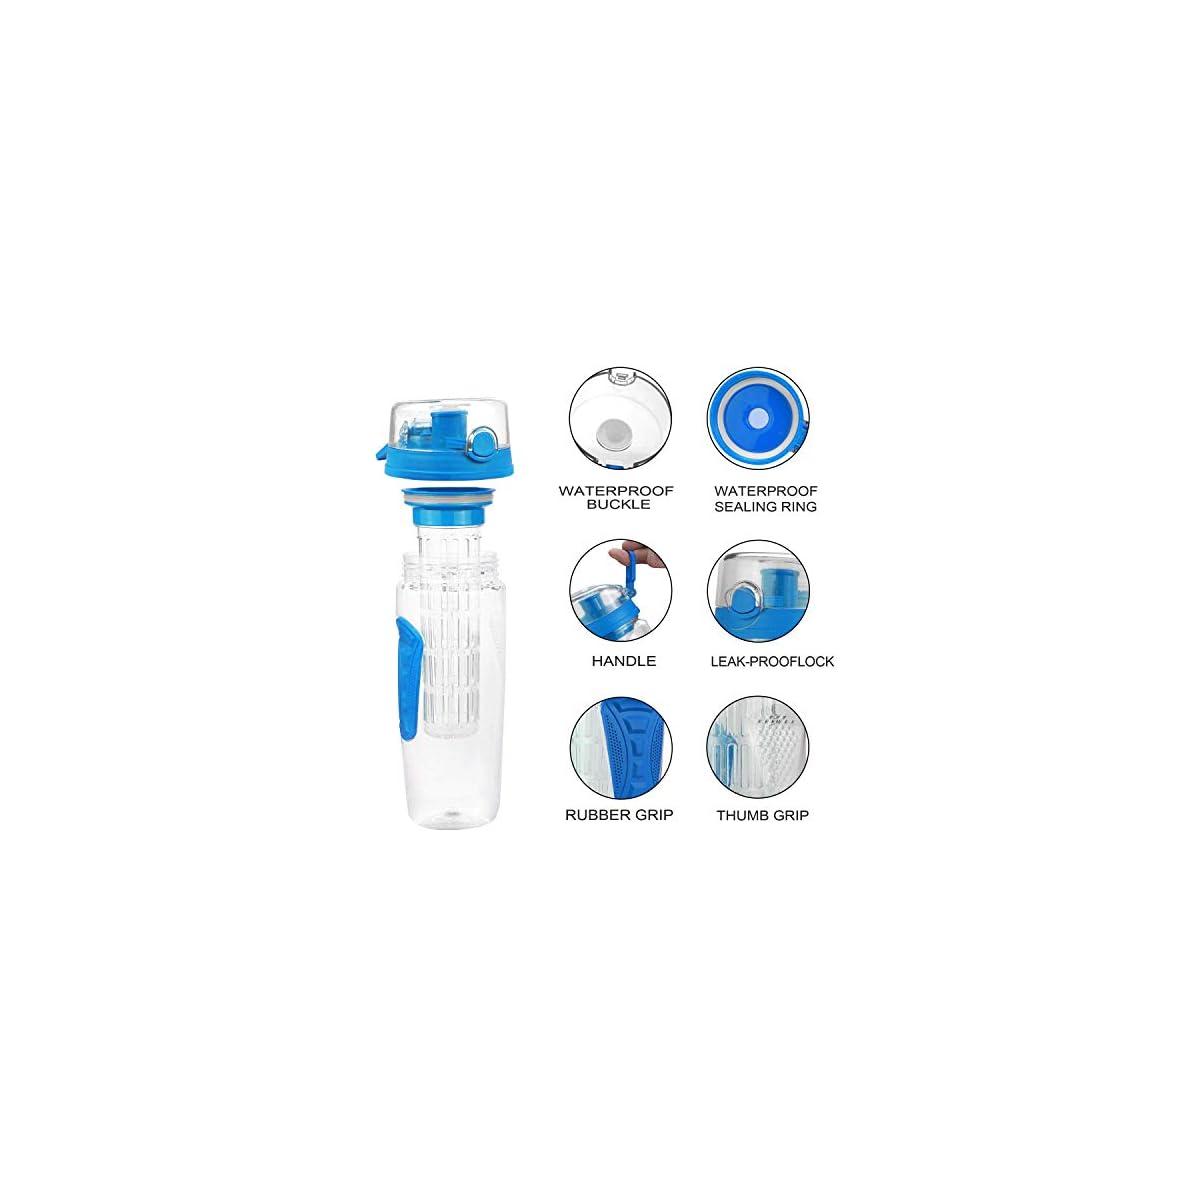 Babacom Wasserflasche Vorteile